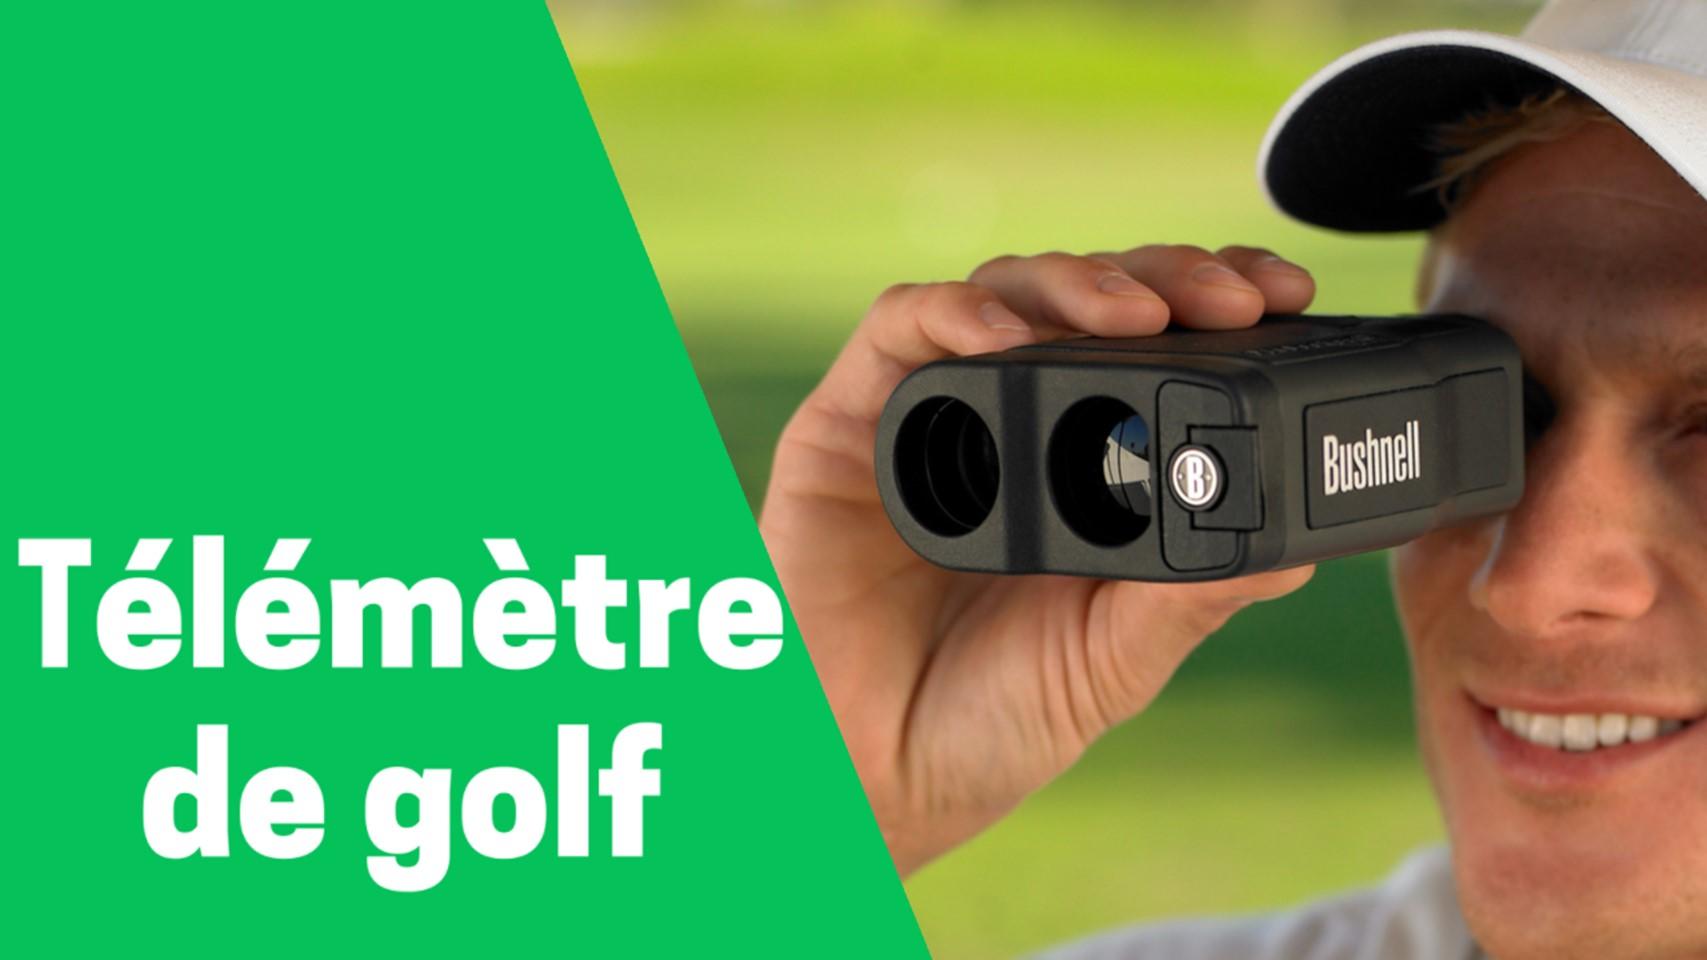 Meilleur télémètre de golf comparatif avis test guide achat